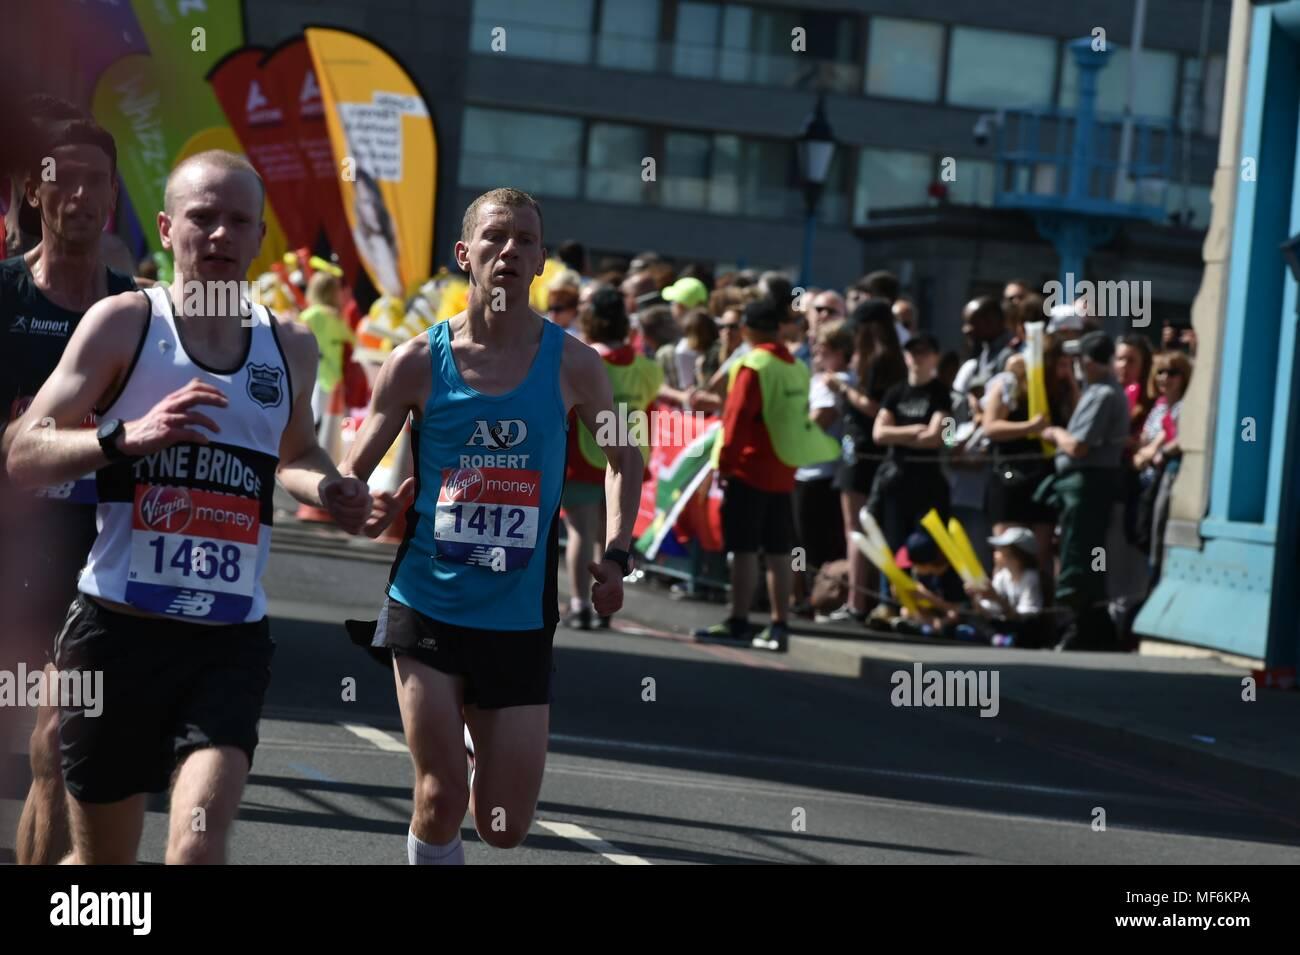 Virgin Money, London Marathon 2018 Stock Photo